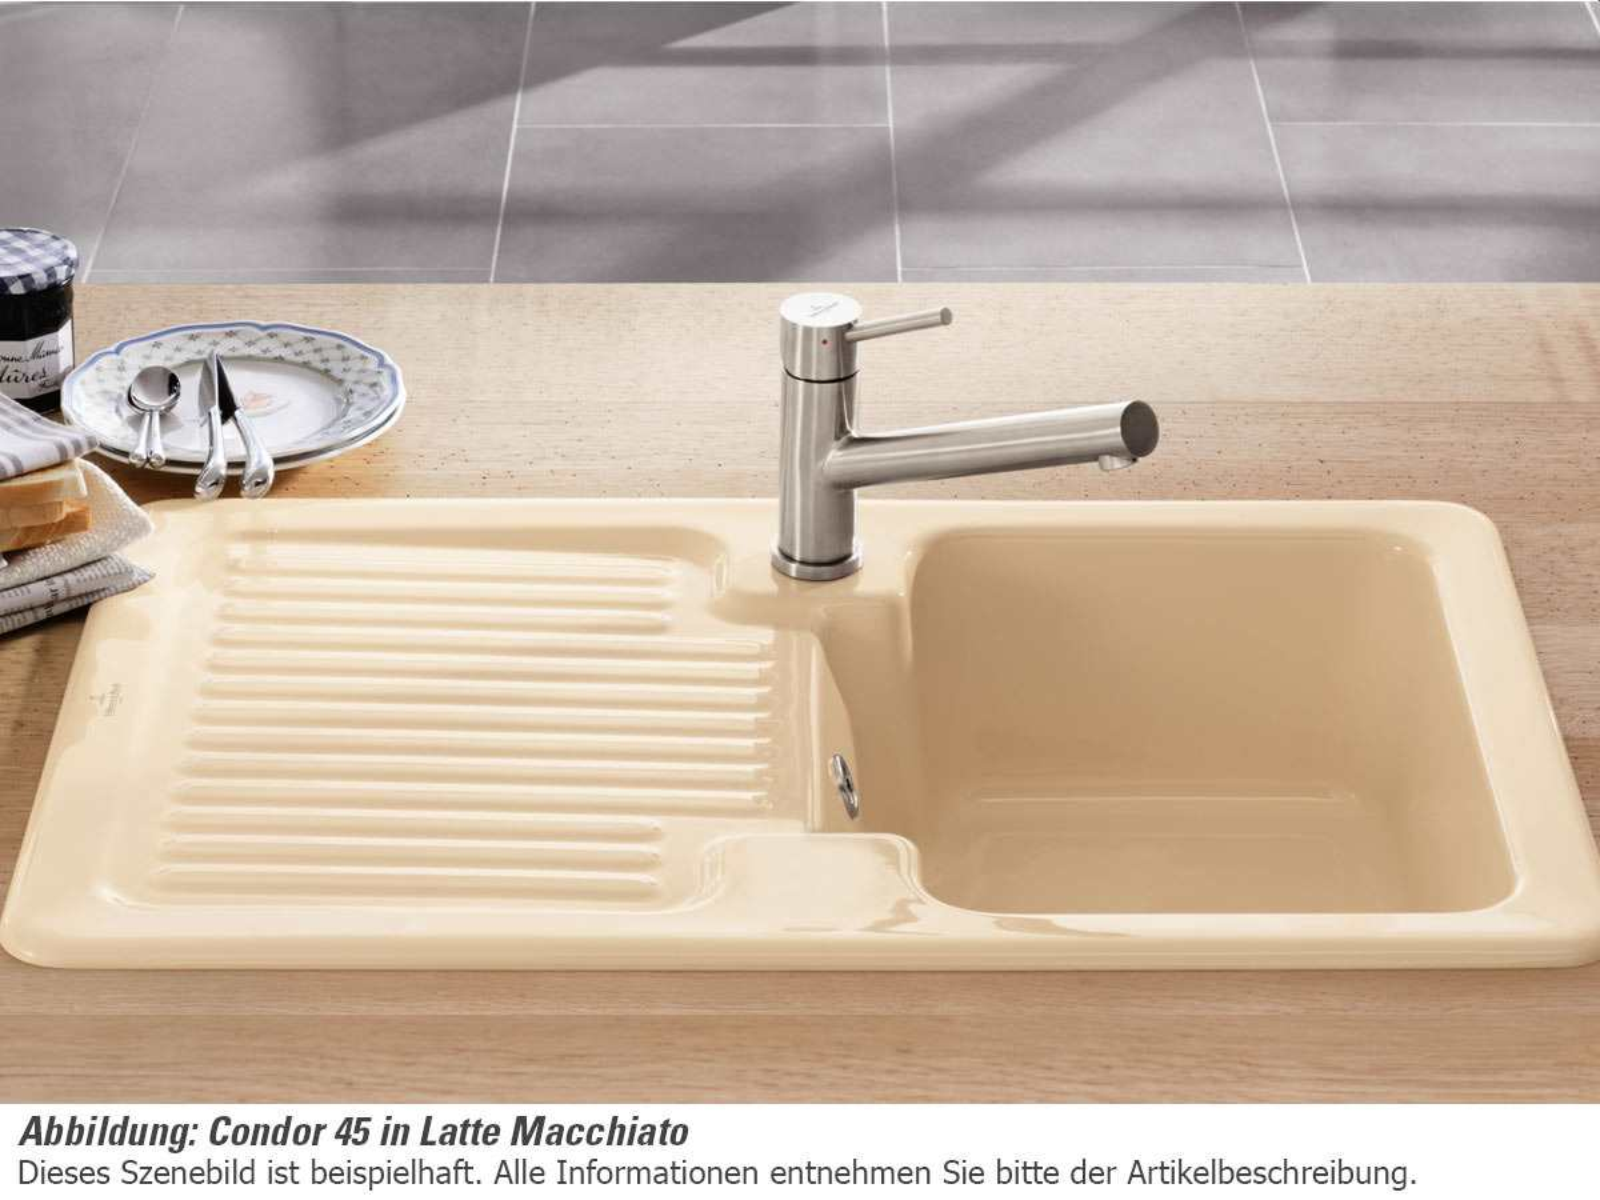 Villeroy & Boch Condor 45 Timber - 6745 01 TR Keramikspüle Handbetätigung